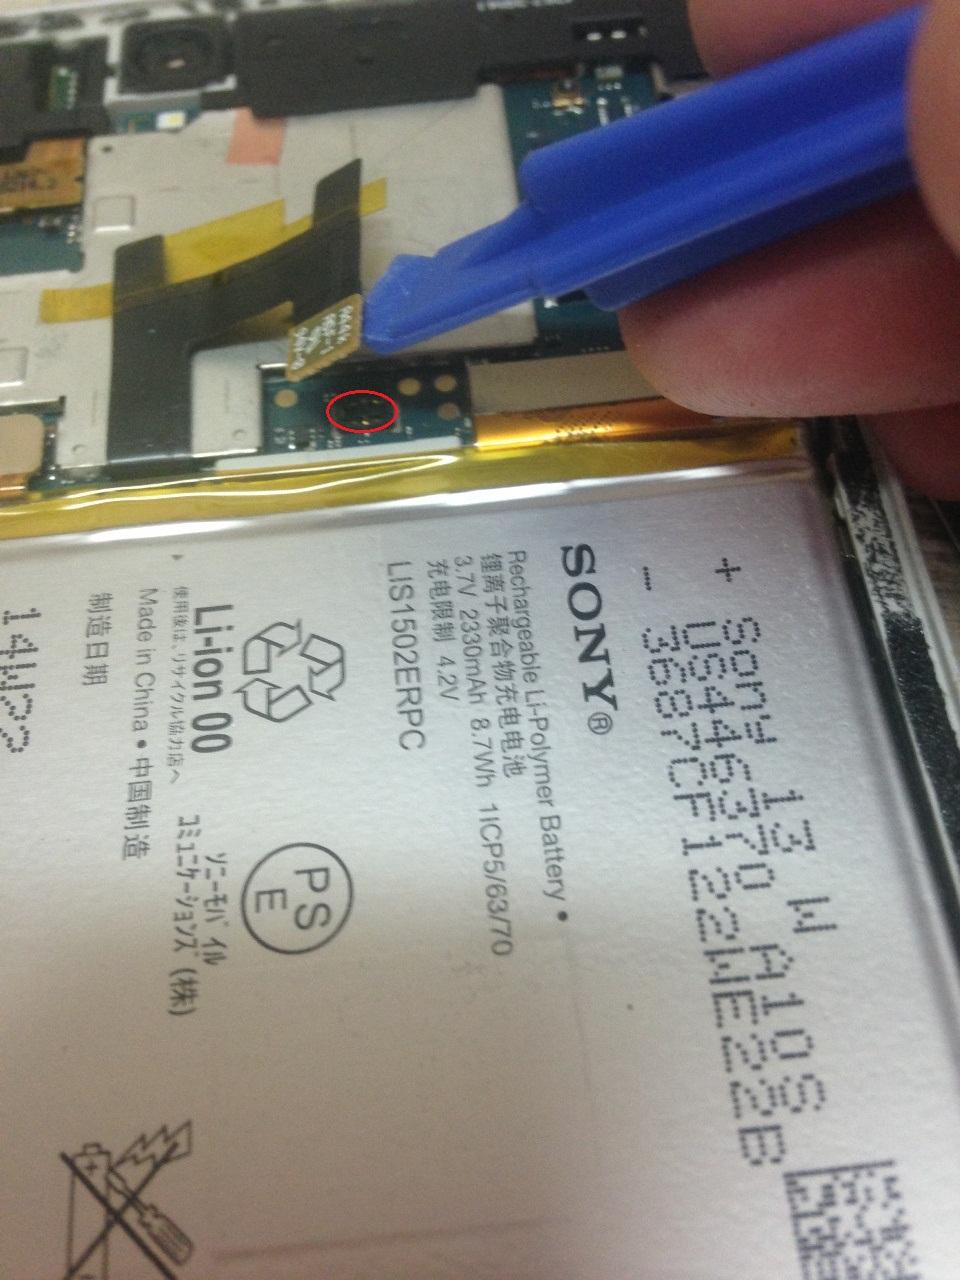 Sony_Xperia Z_(c6602)_4